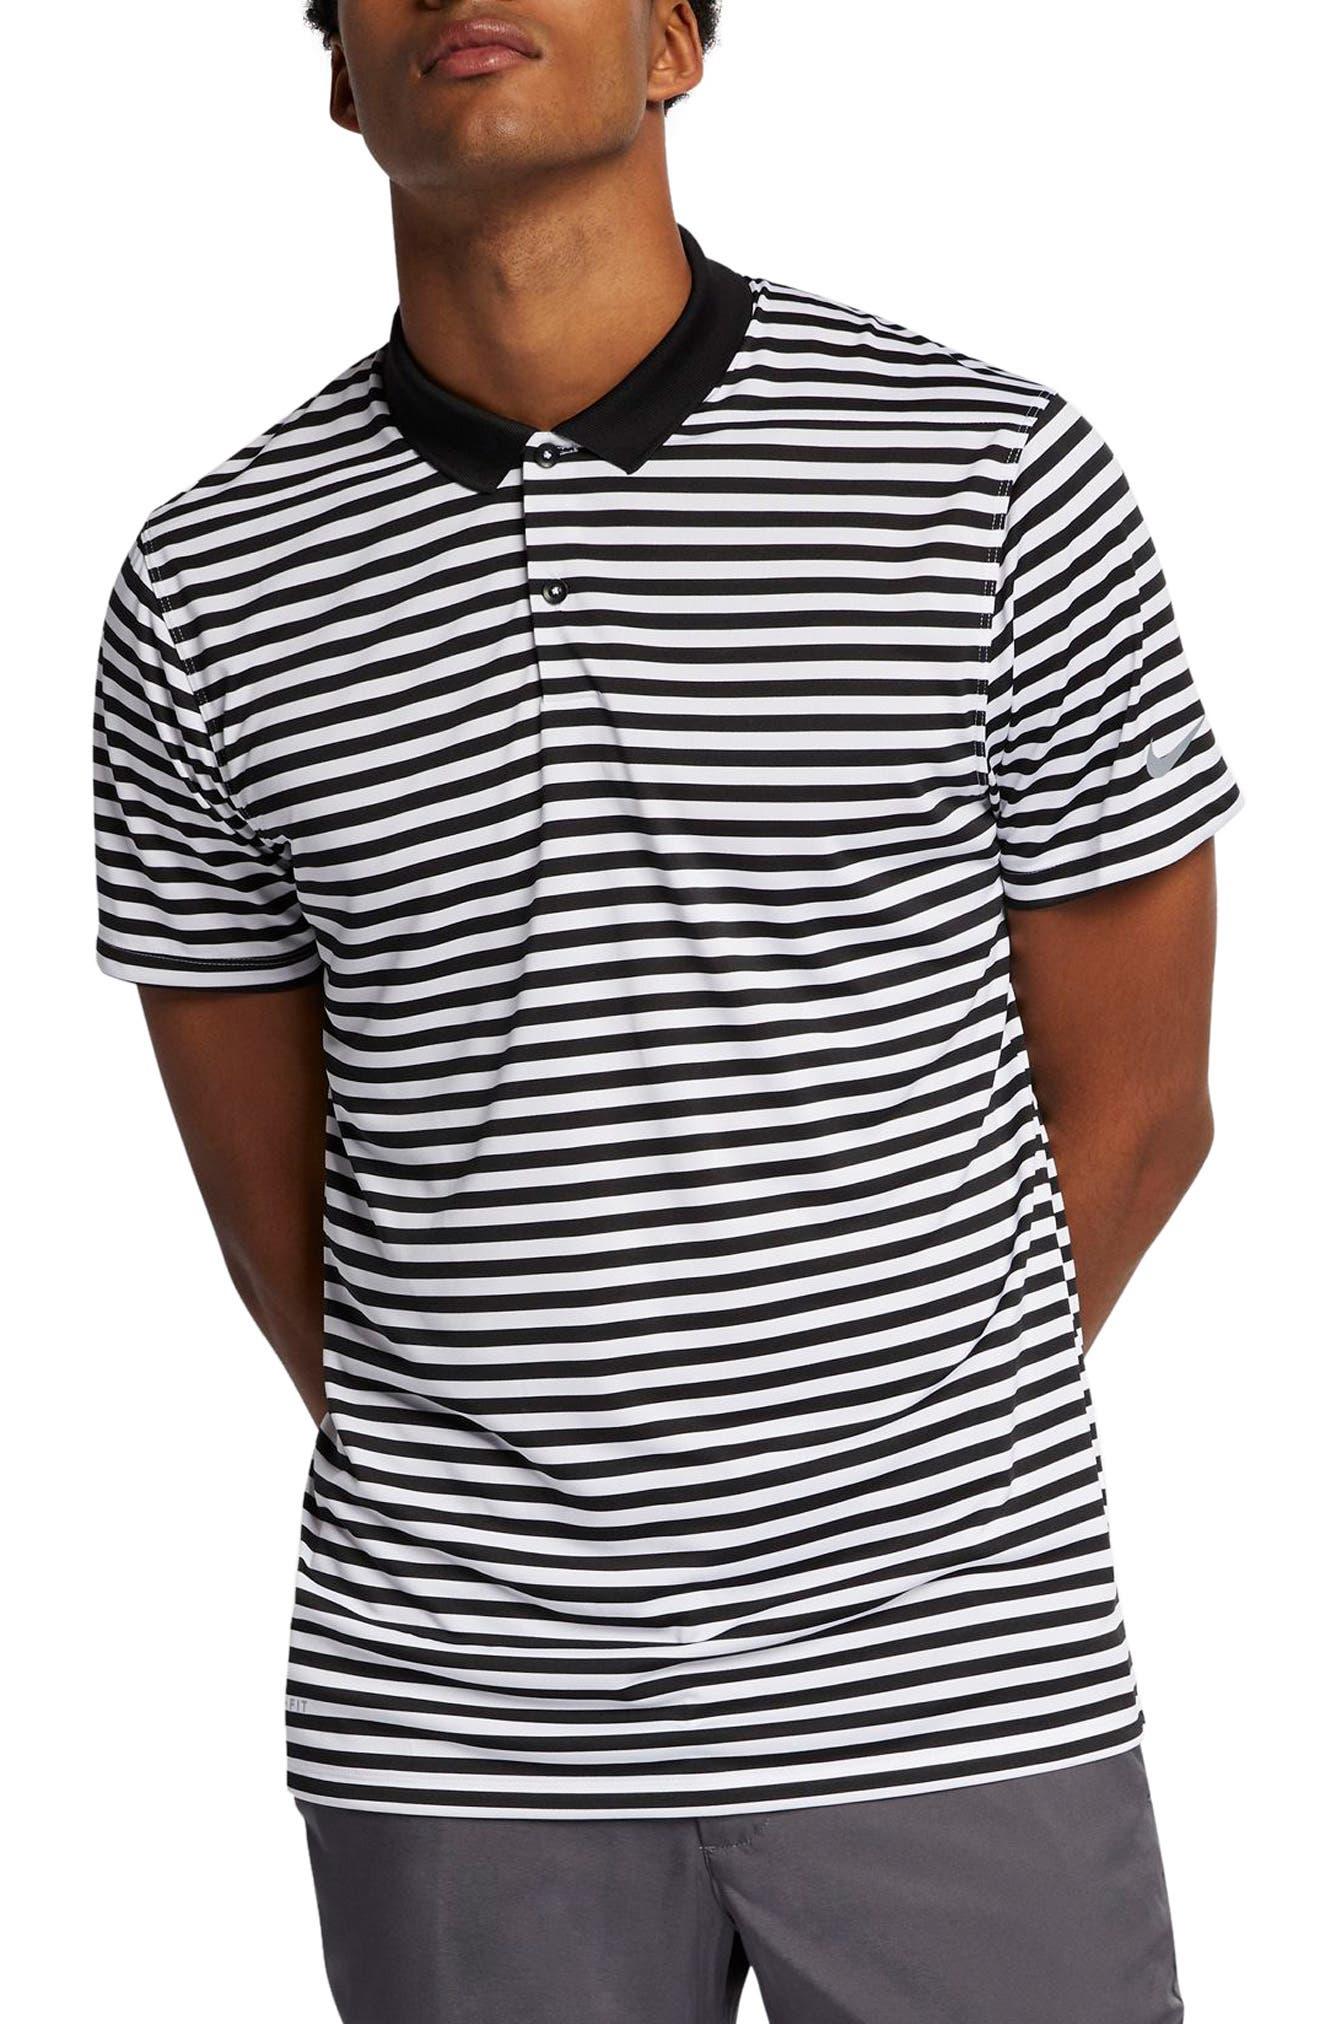 Victory Dri-FIT Stripe Golf Polo, Main, color, BLACK/ WHITE/COOL GREY